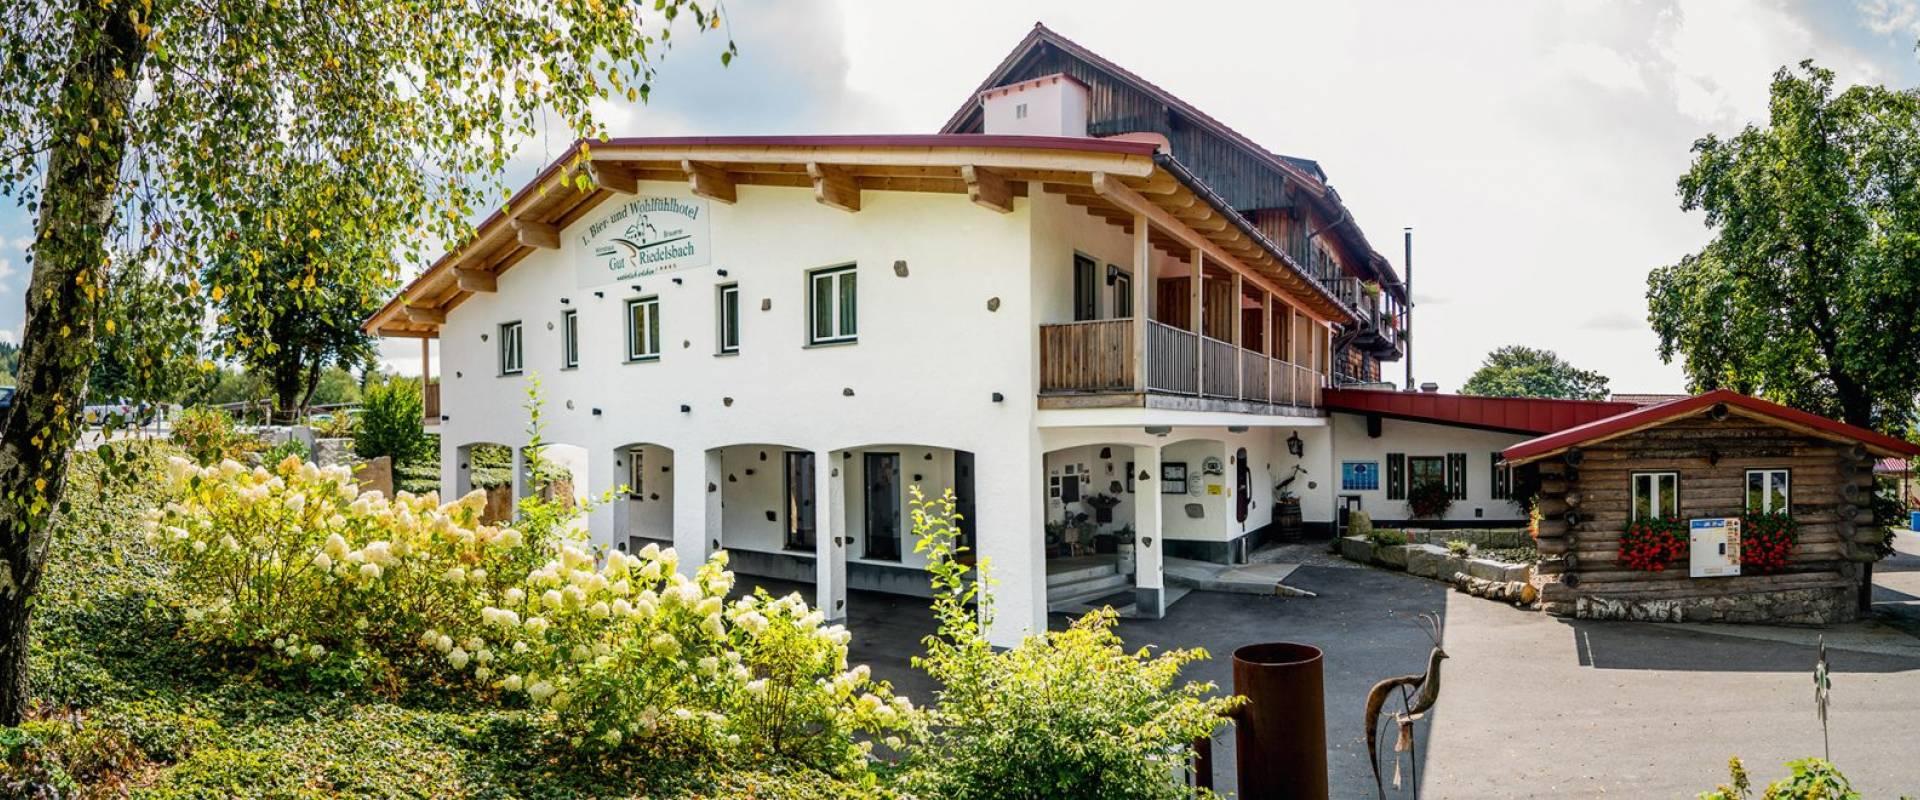 hotels bayerischer wald land und wellnesshotels in niederbayern. Black Bedroom Furniture Sets. Home Design Ideas